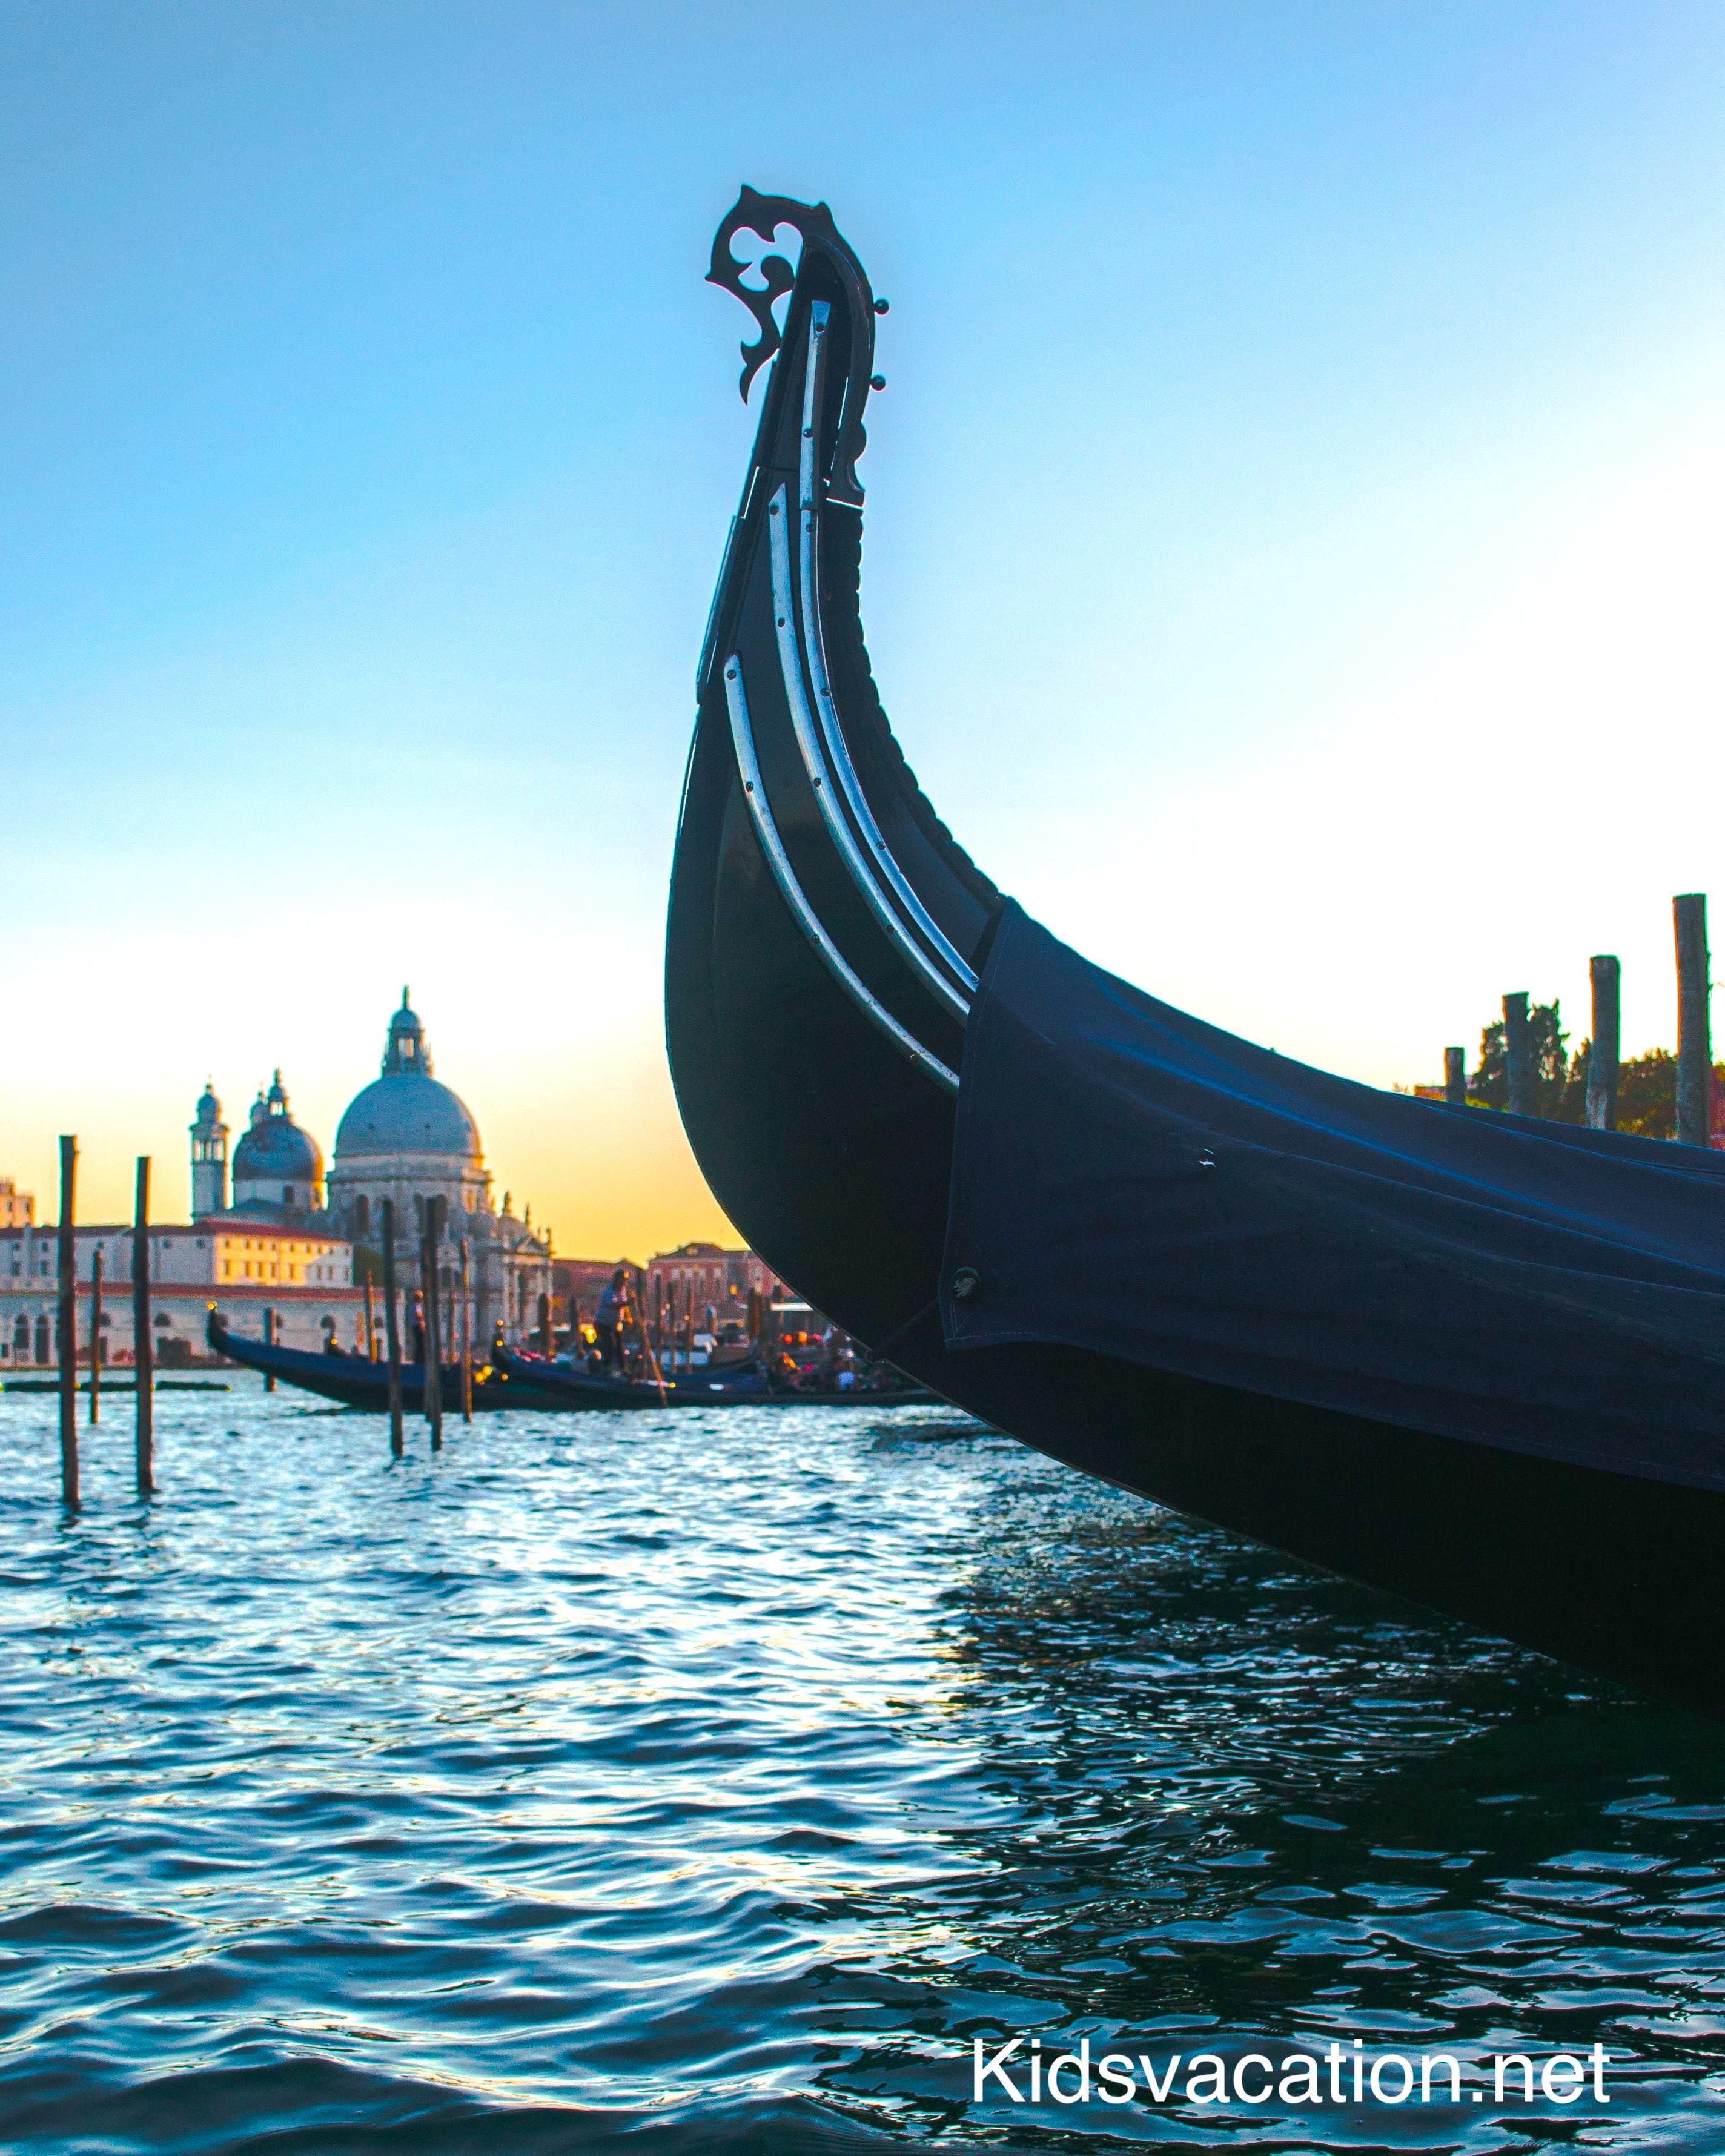 ベネチア&ドロミテ子連れ旅行記の記事一覧